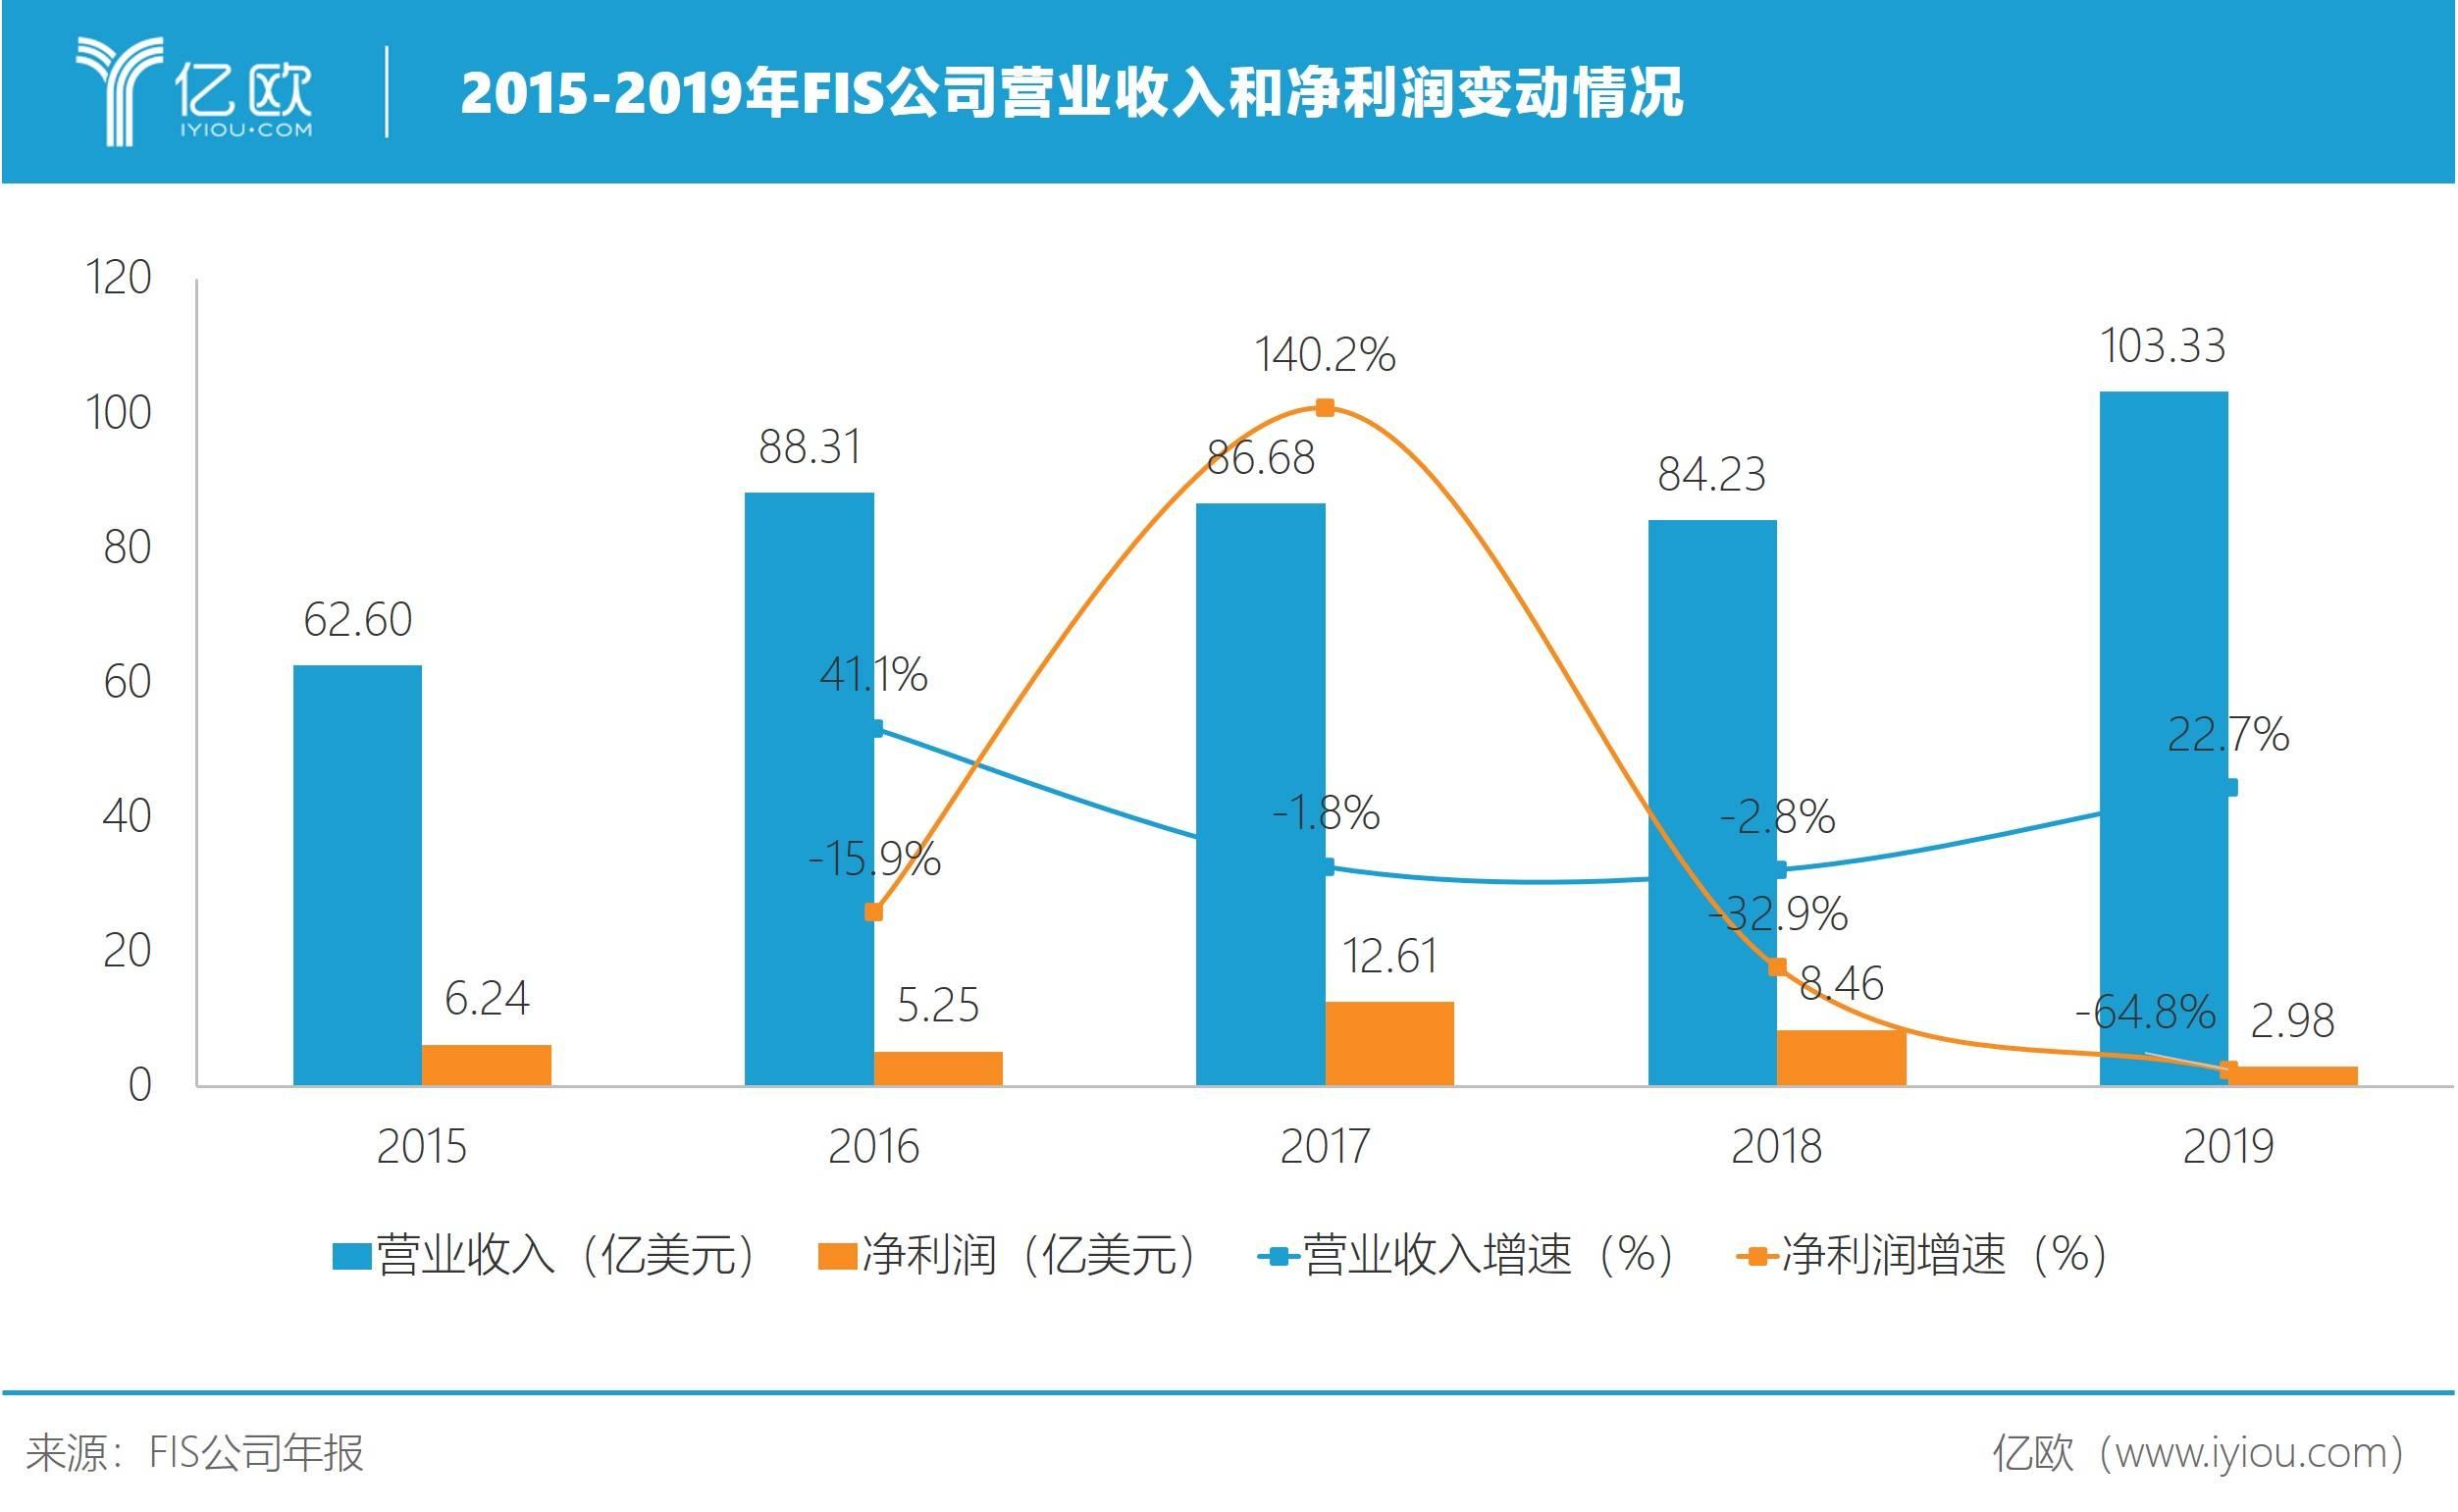 2015-2019年FIS公司营业收入和净利润变动情况